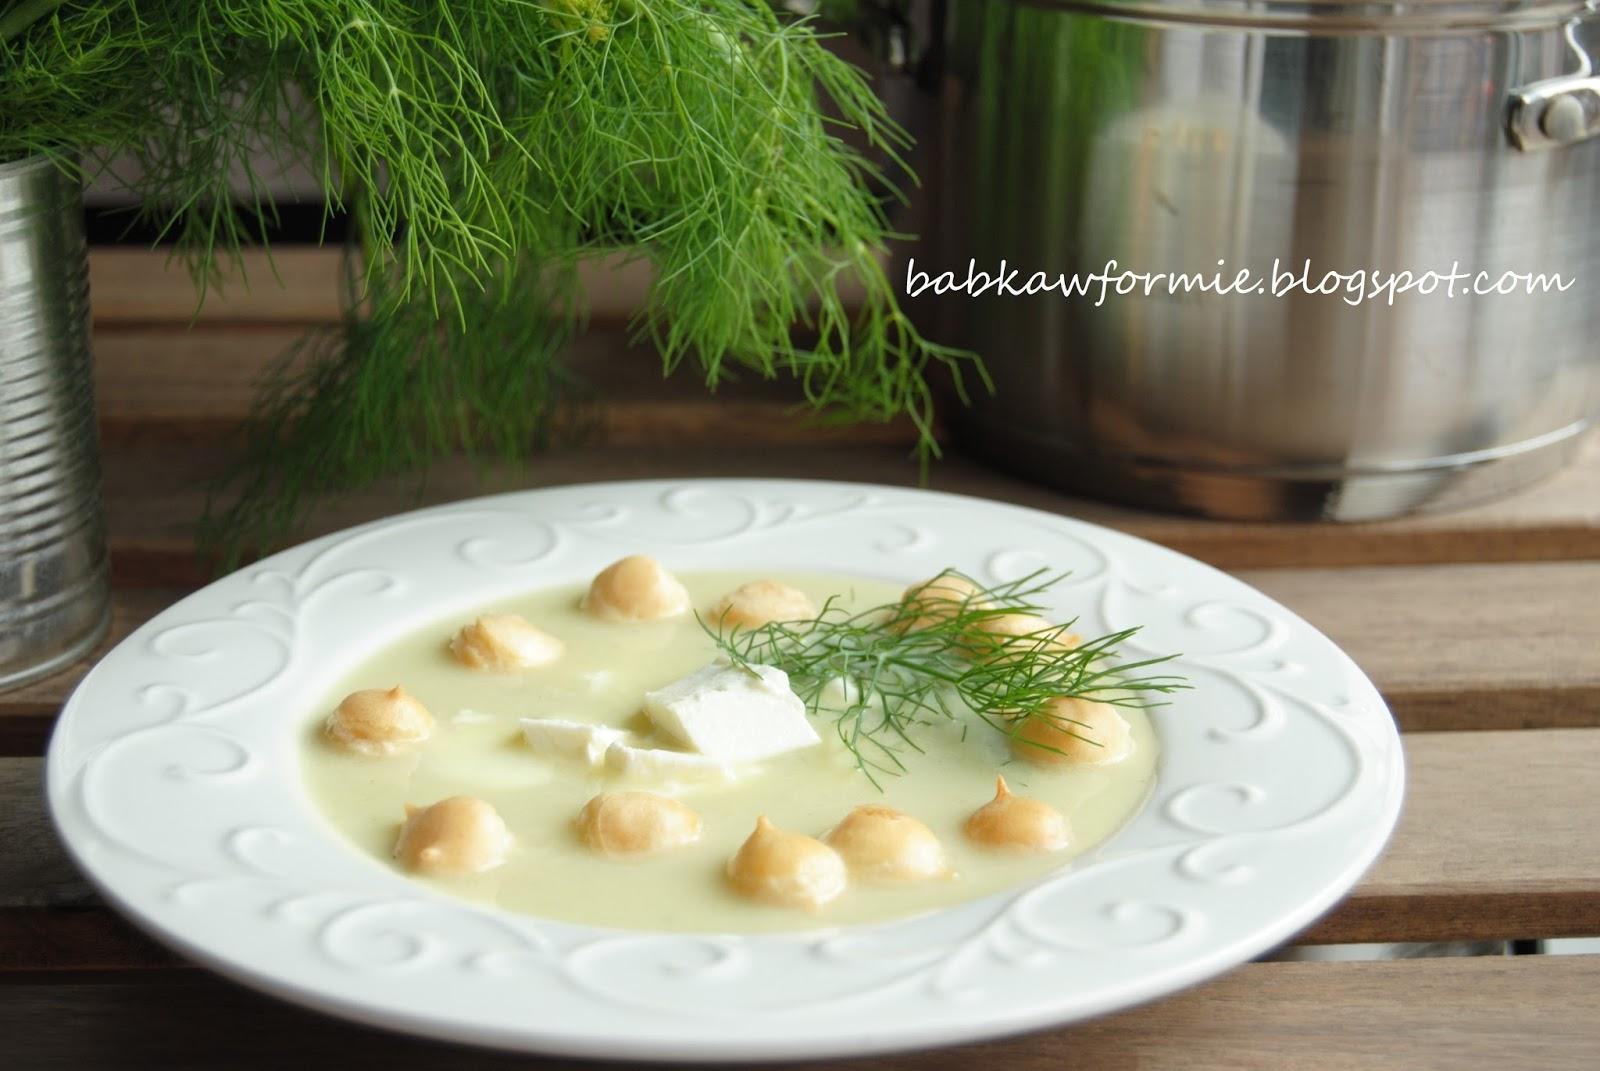 zupa ze świeżych ogórków babkawformie.blogspot.com